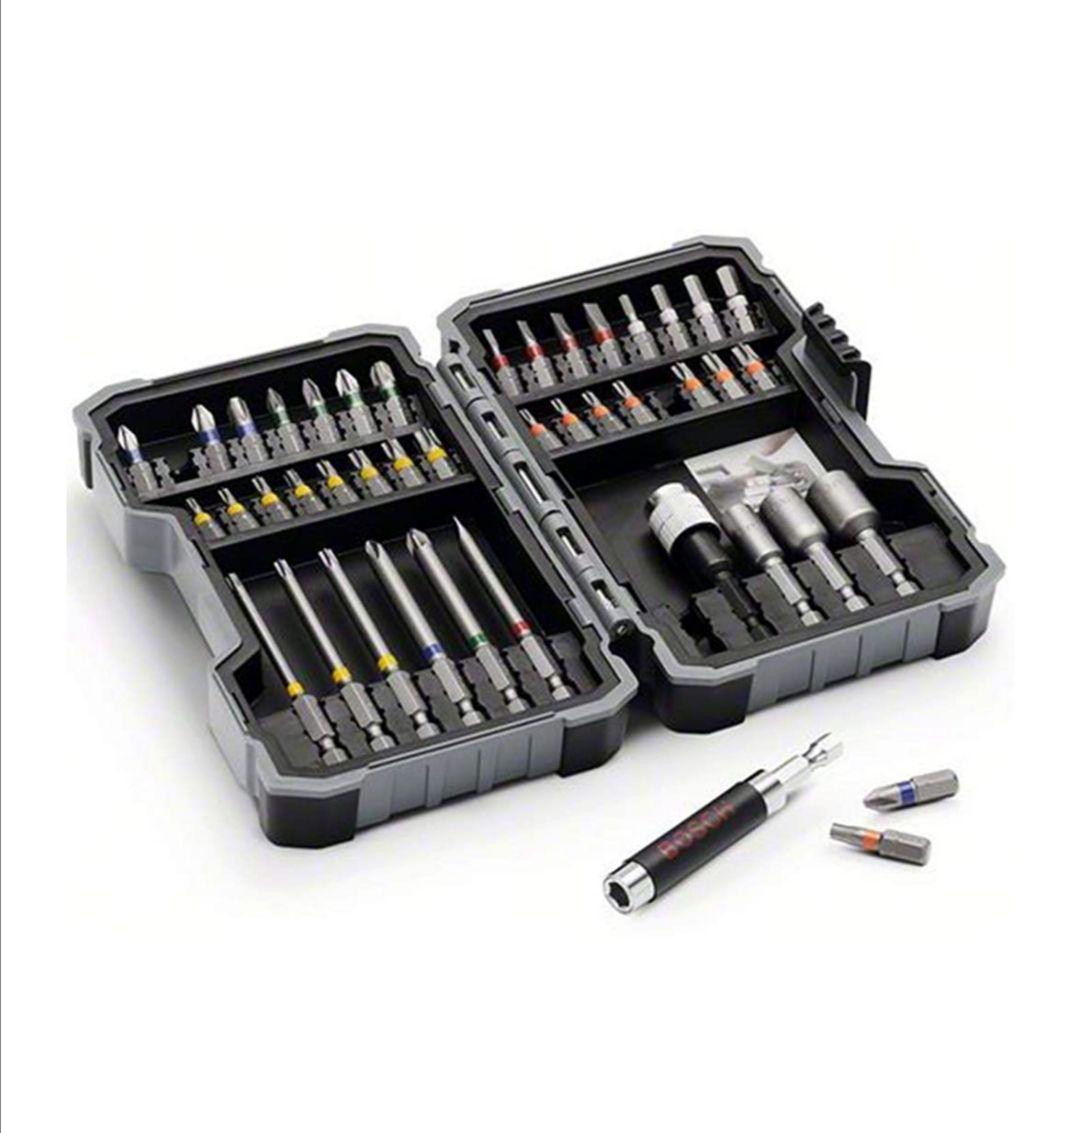 [Prime] Coffret d'embouts et douilles Bosch 2607017164 - 43 pièces